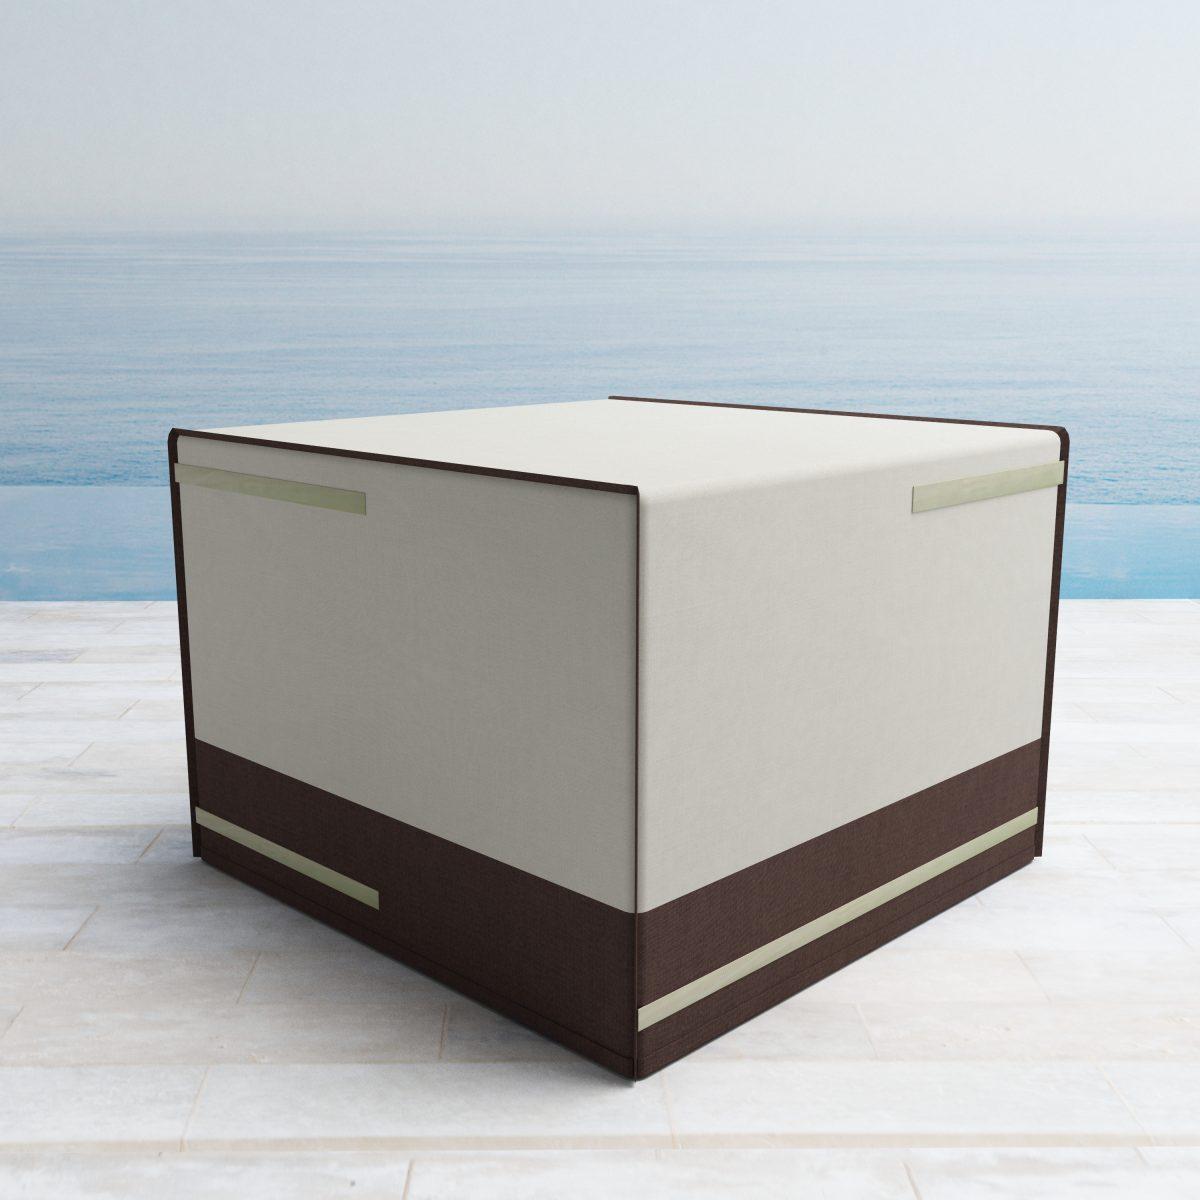 Sirio Small Multi Purpose Cover For Outdoor Furniture Starsong